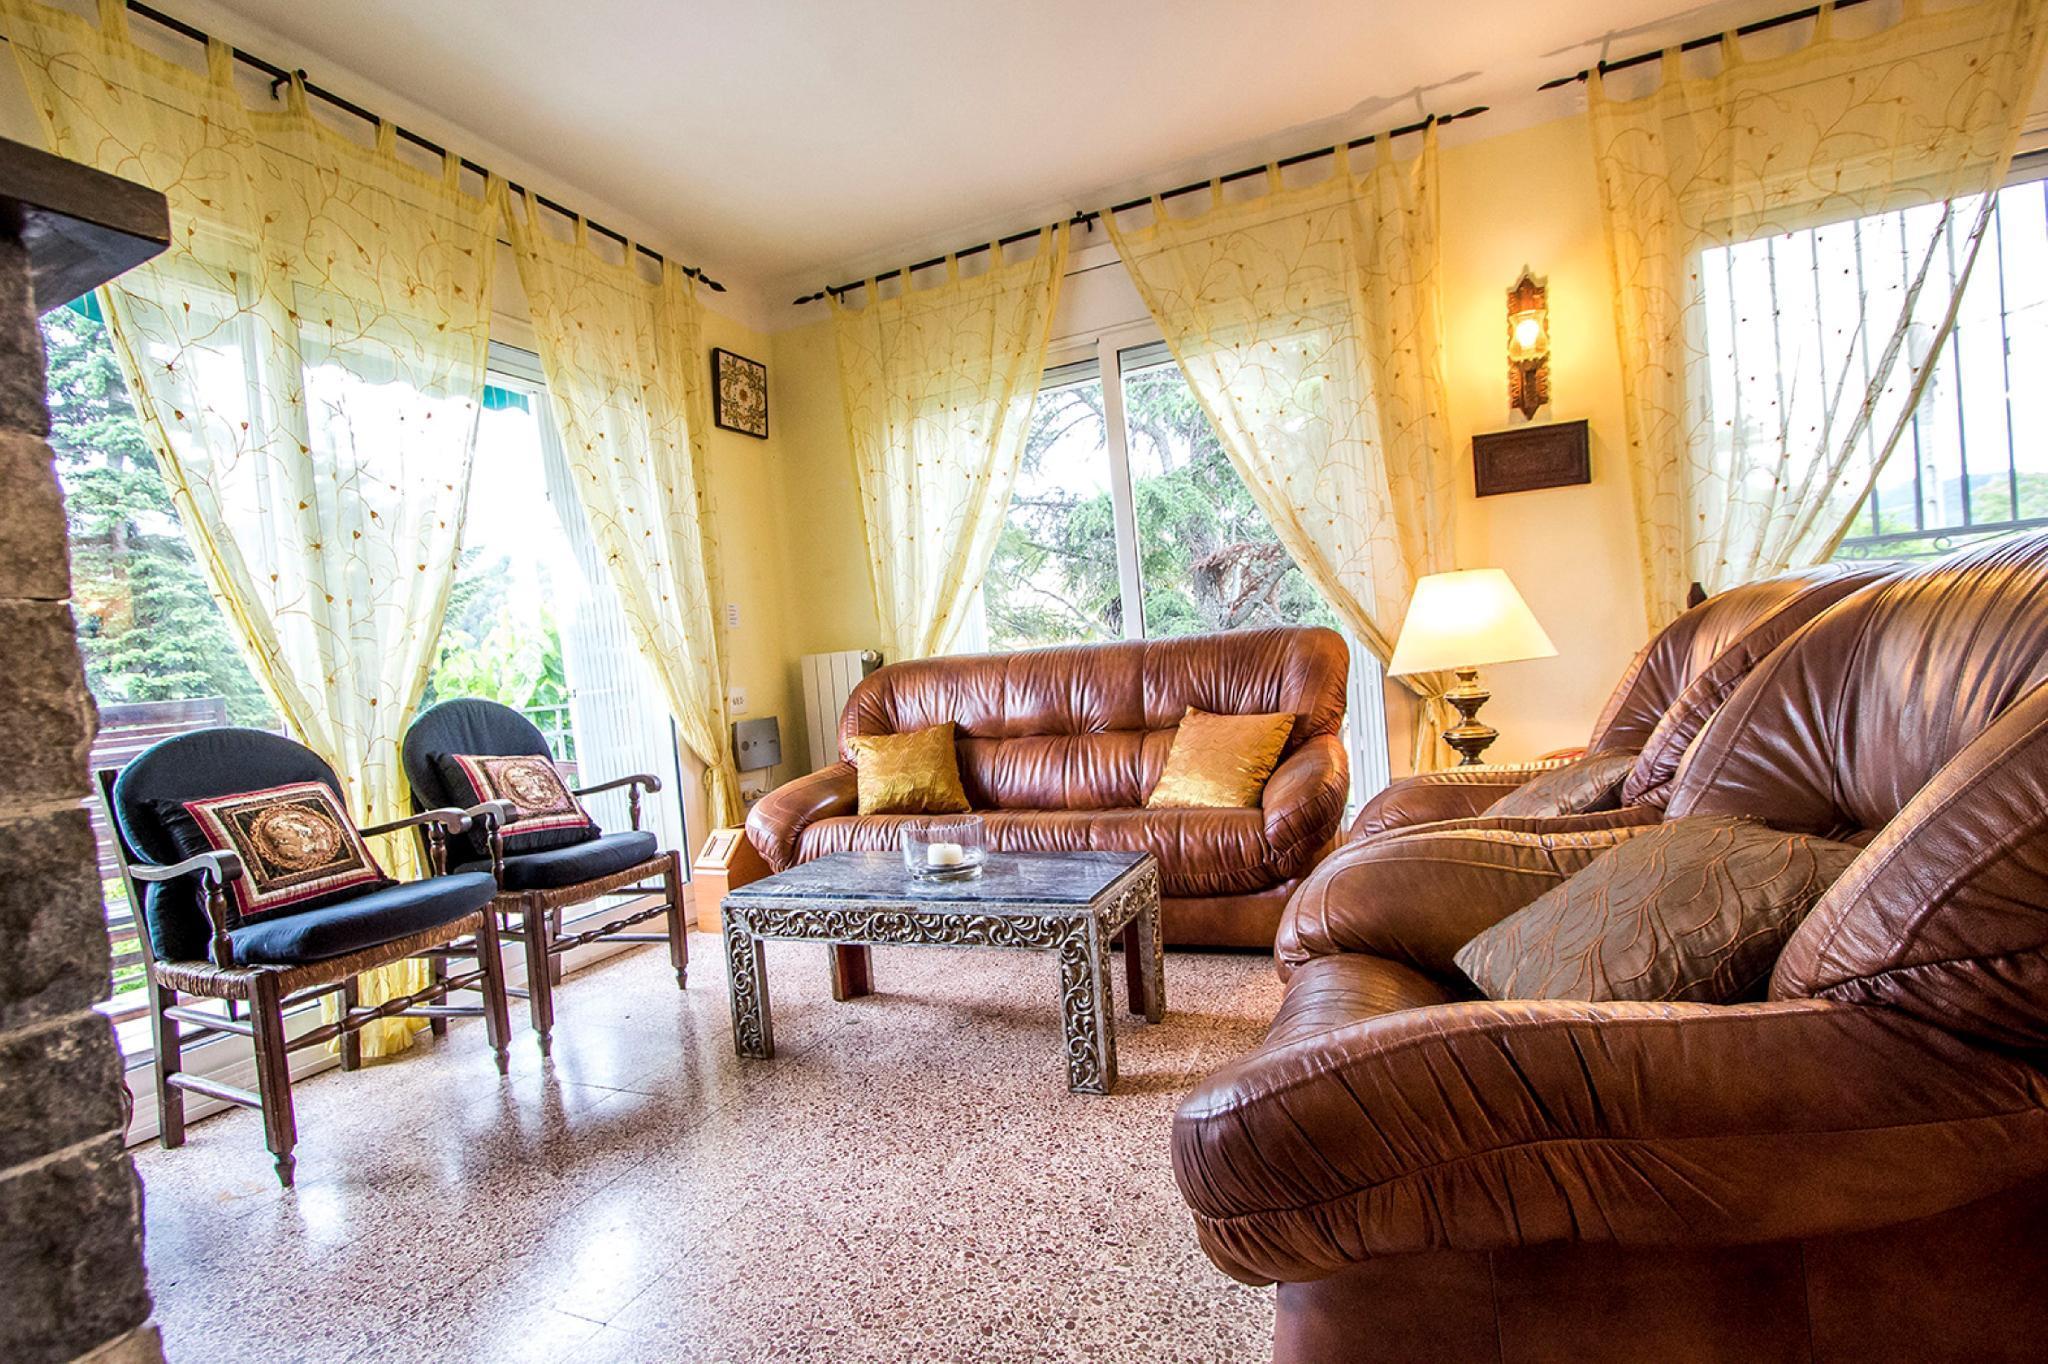 107589 - Villa in Castellbell i el Vilar